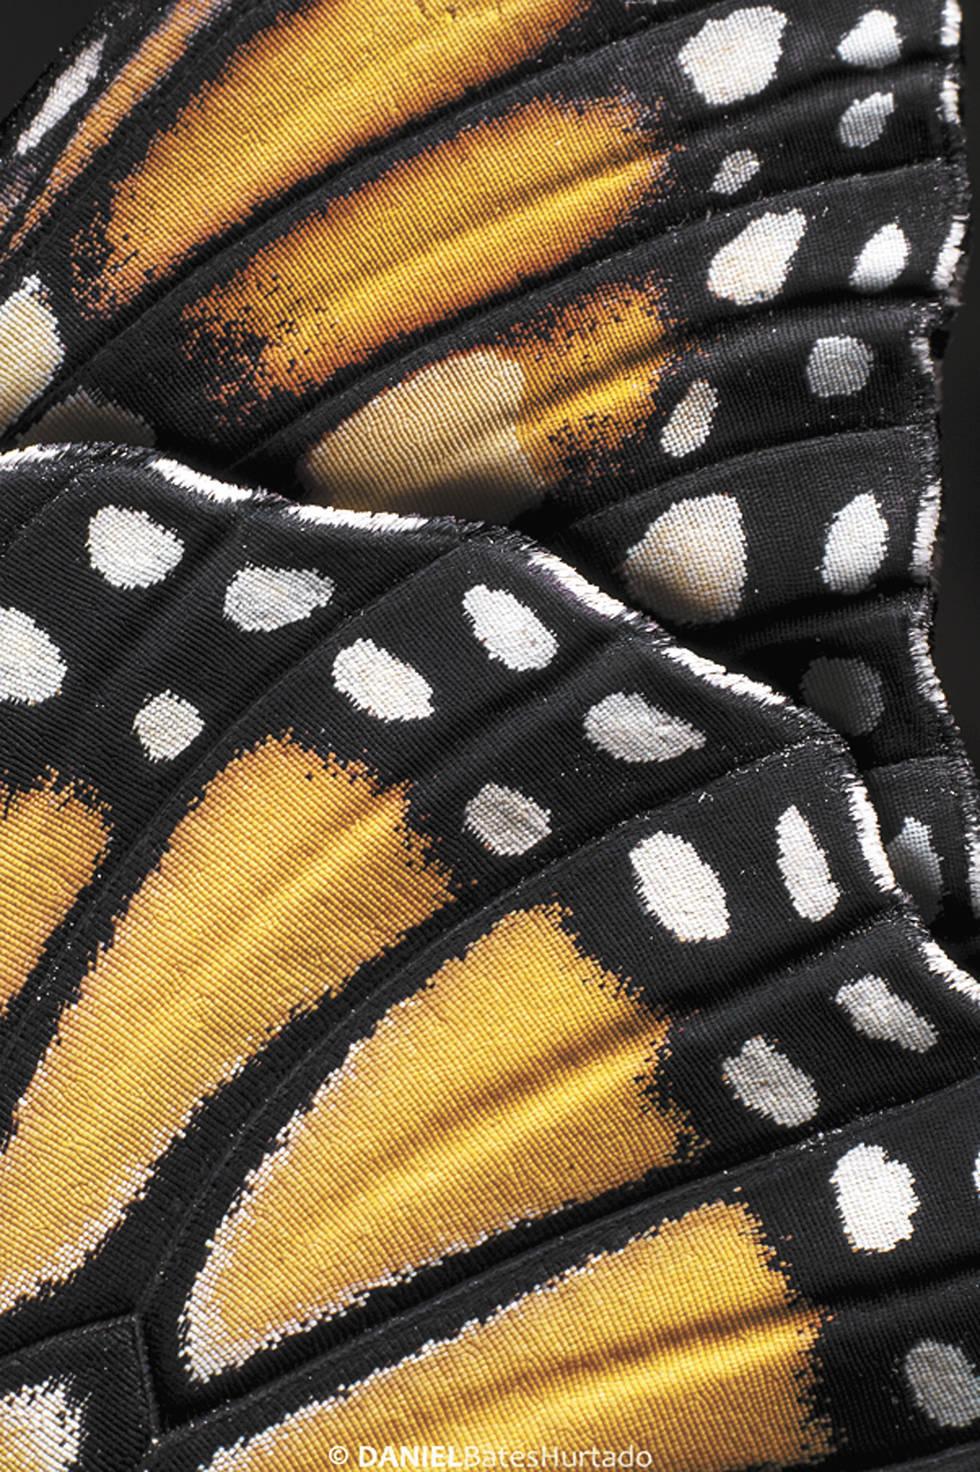 La perfección En dos semanas, la oruga se convierte en mariposa dejando ver la obra de arte de la naturaleza en sus alas.Foto: Daniel Bates Hurtado/Vanguardia